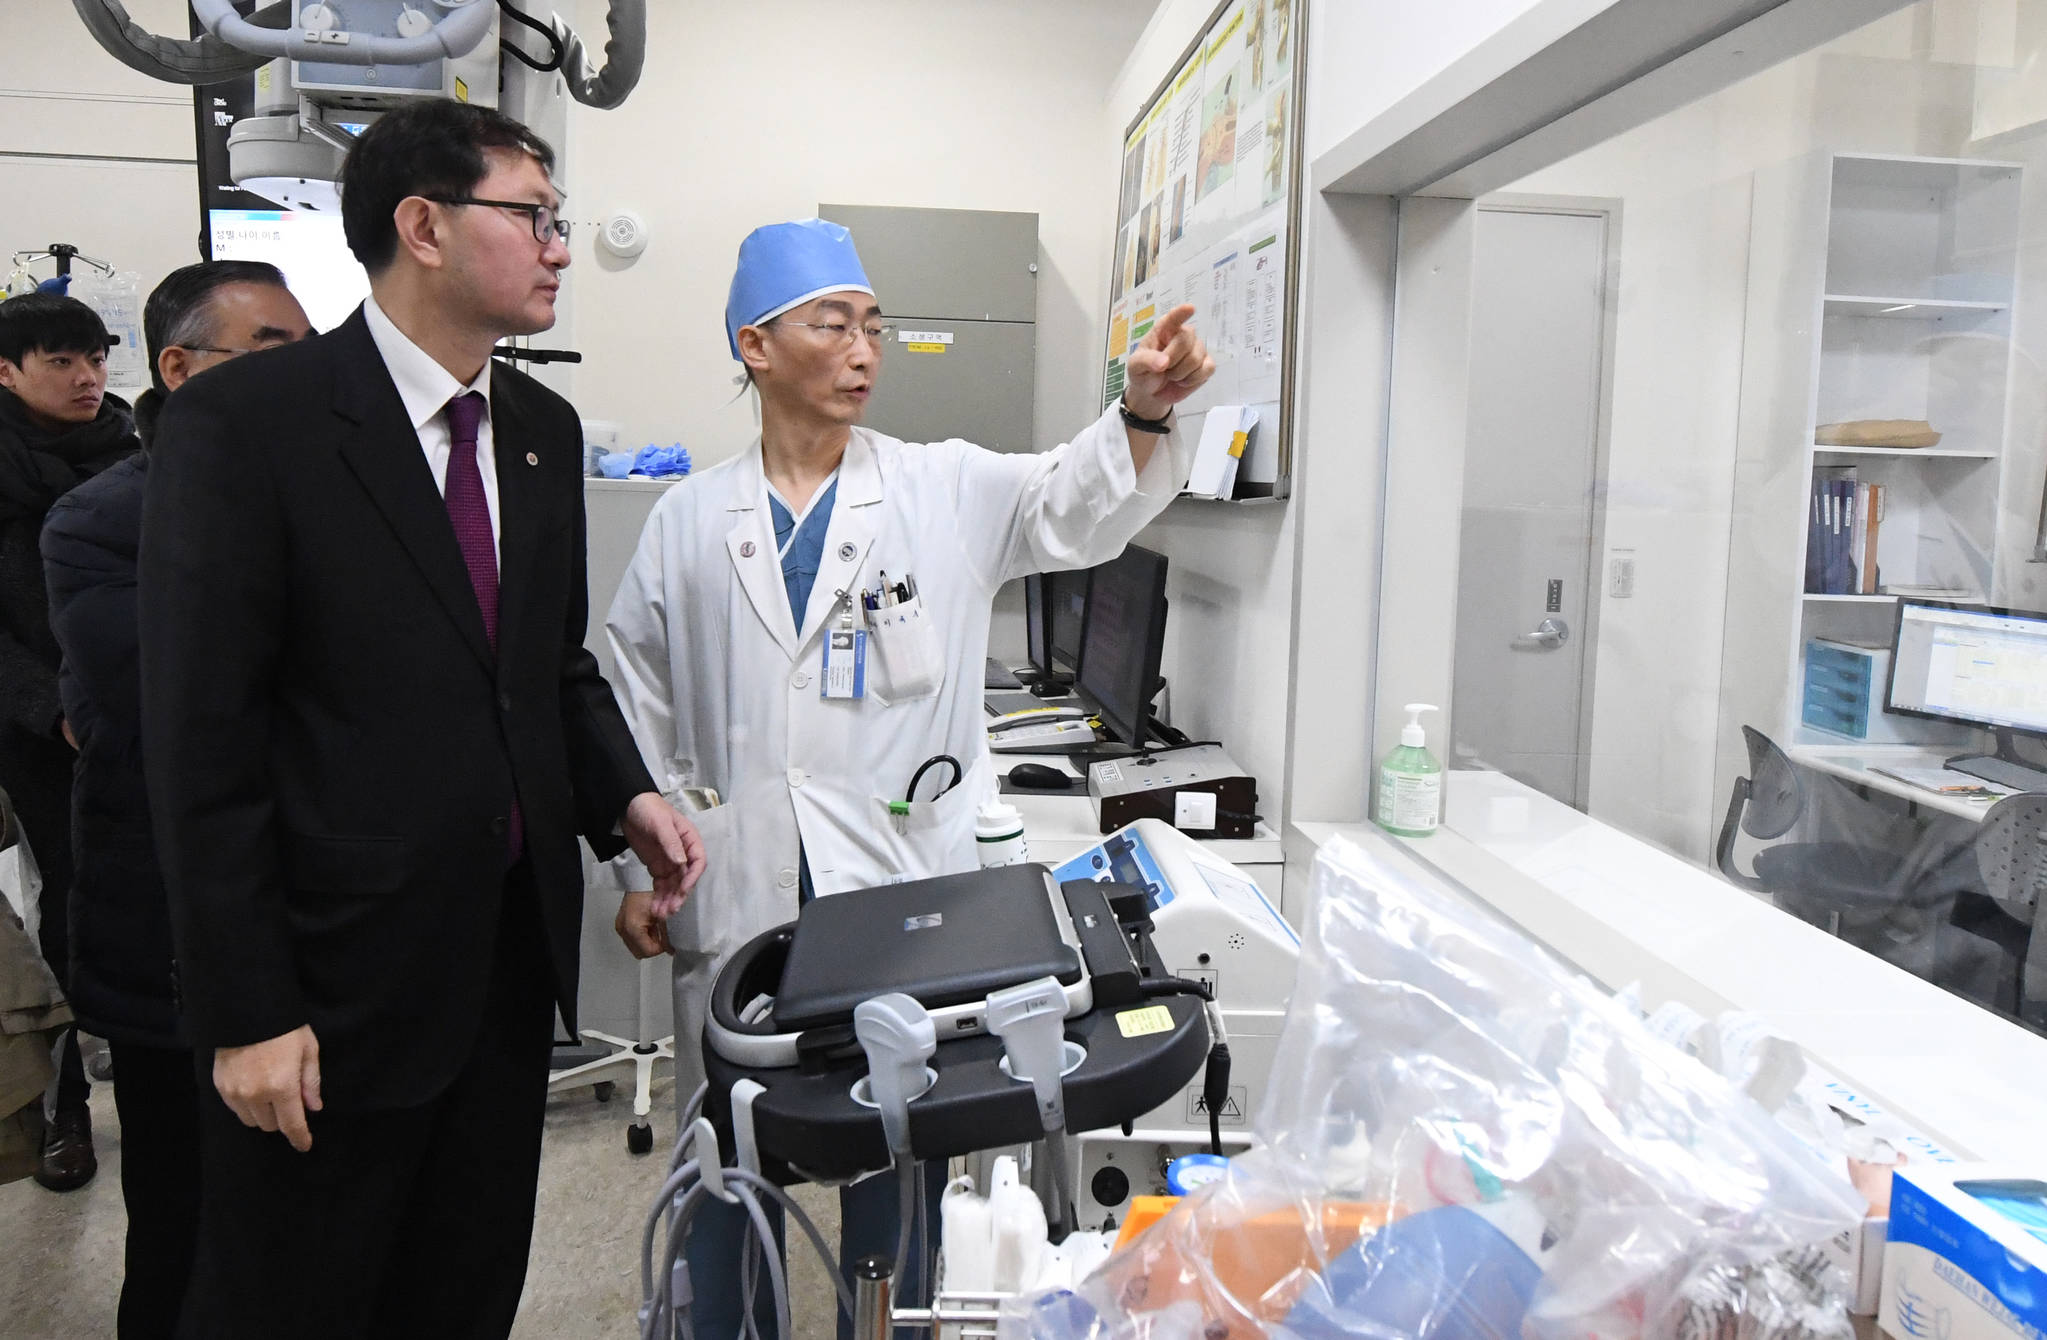 아주대병원 이국종 권역외상센터장(오른쪽)이 추무진 의사협회 회장(왼쪽)에게 외상센터 소생술을 설명하고 있다.[사진 의사협회]